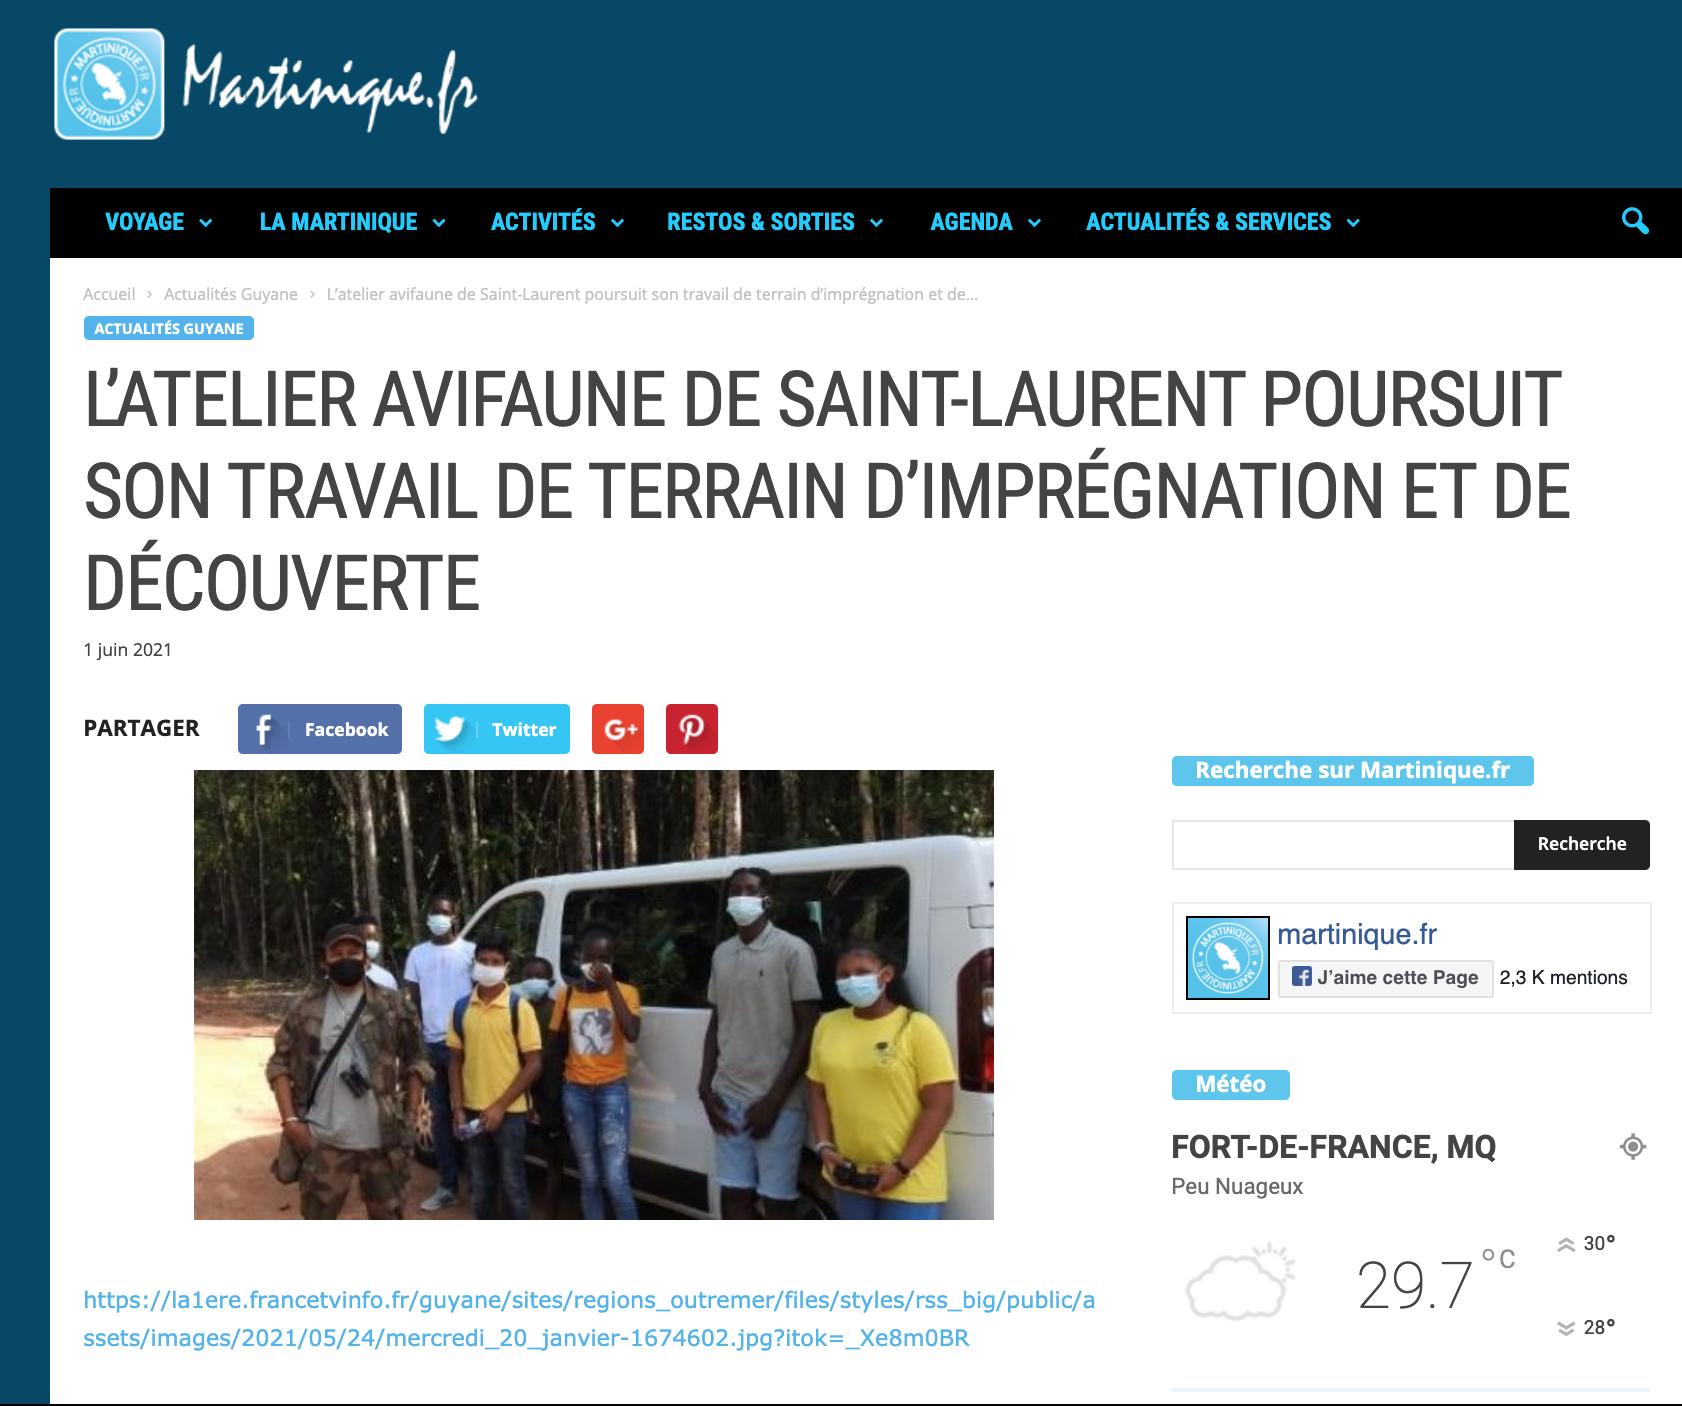 Martinique.fr - 01/06/2021